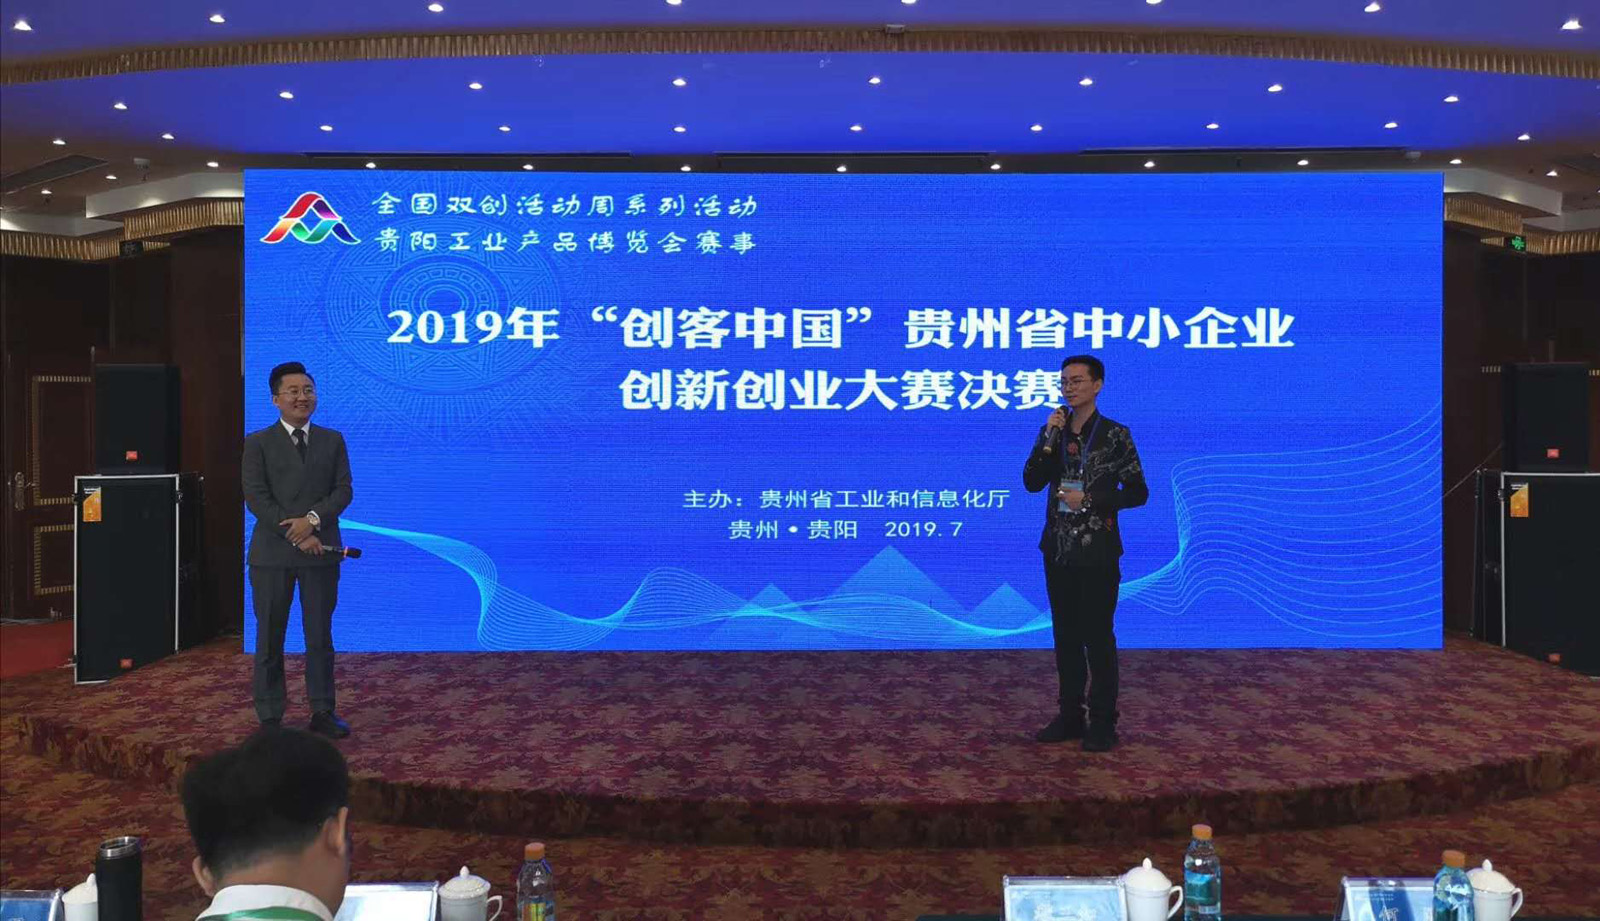 """贵州省2019年向""""创客""""发放1422万元科技创新券"""